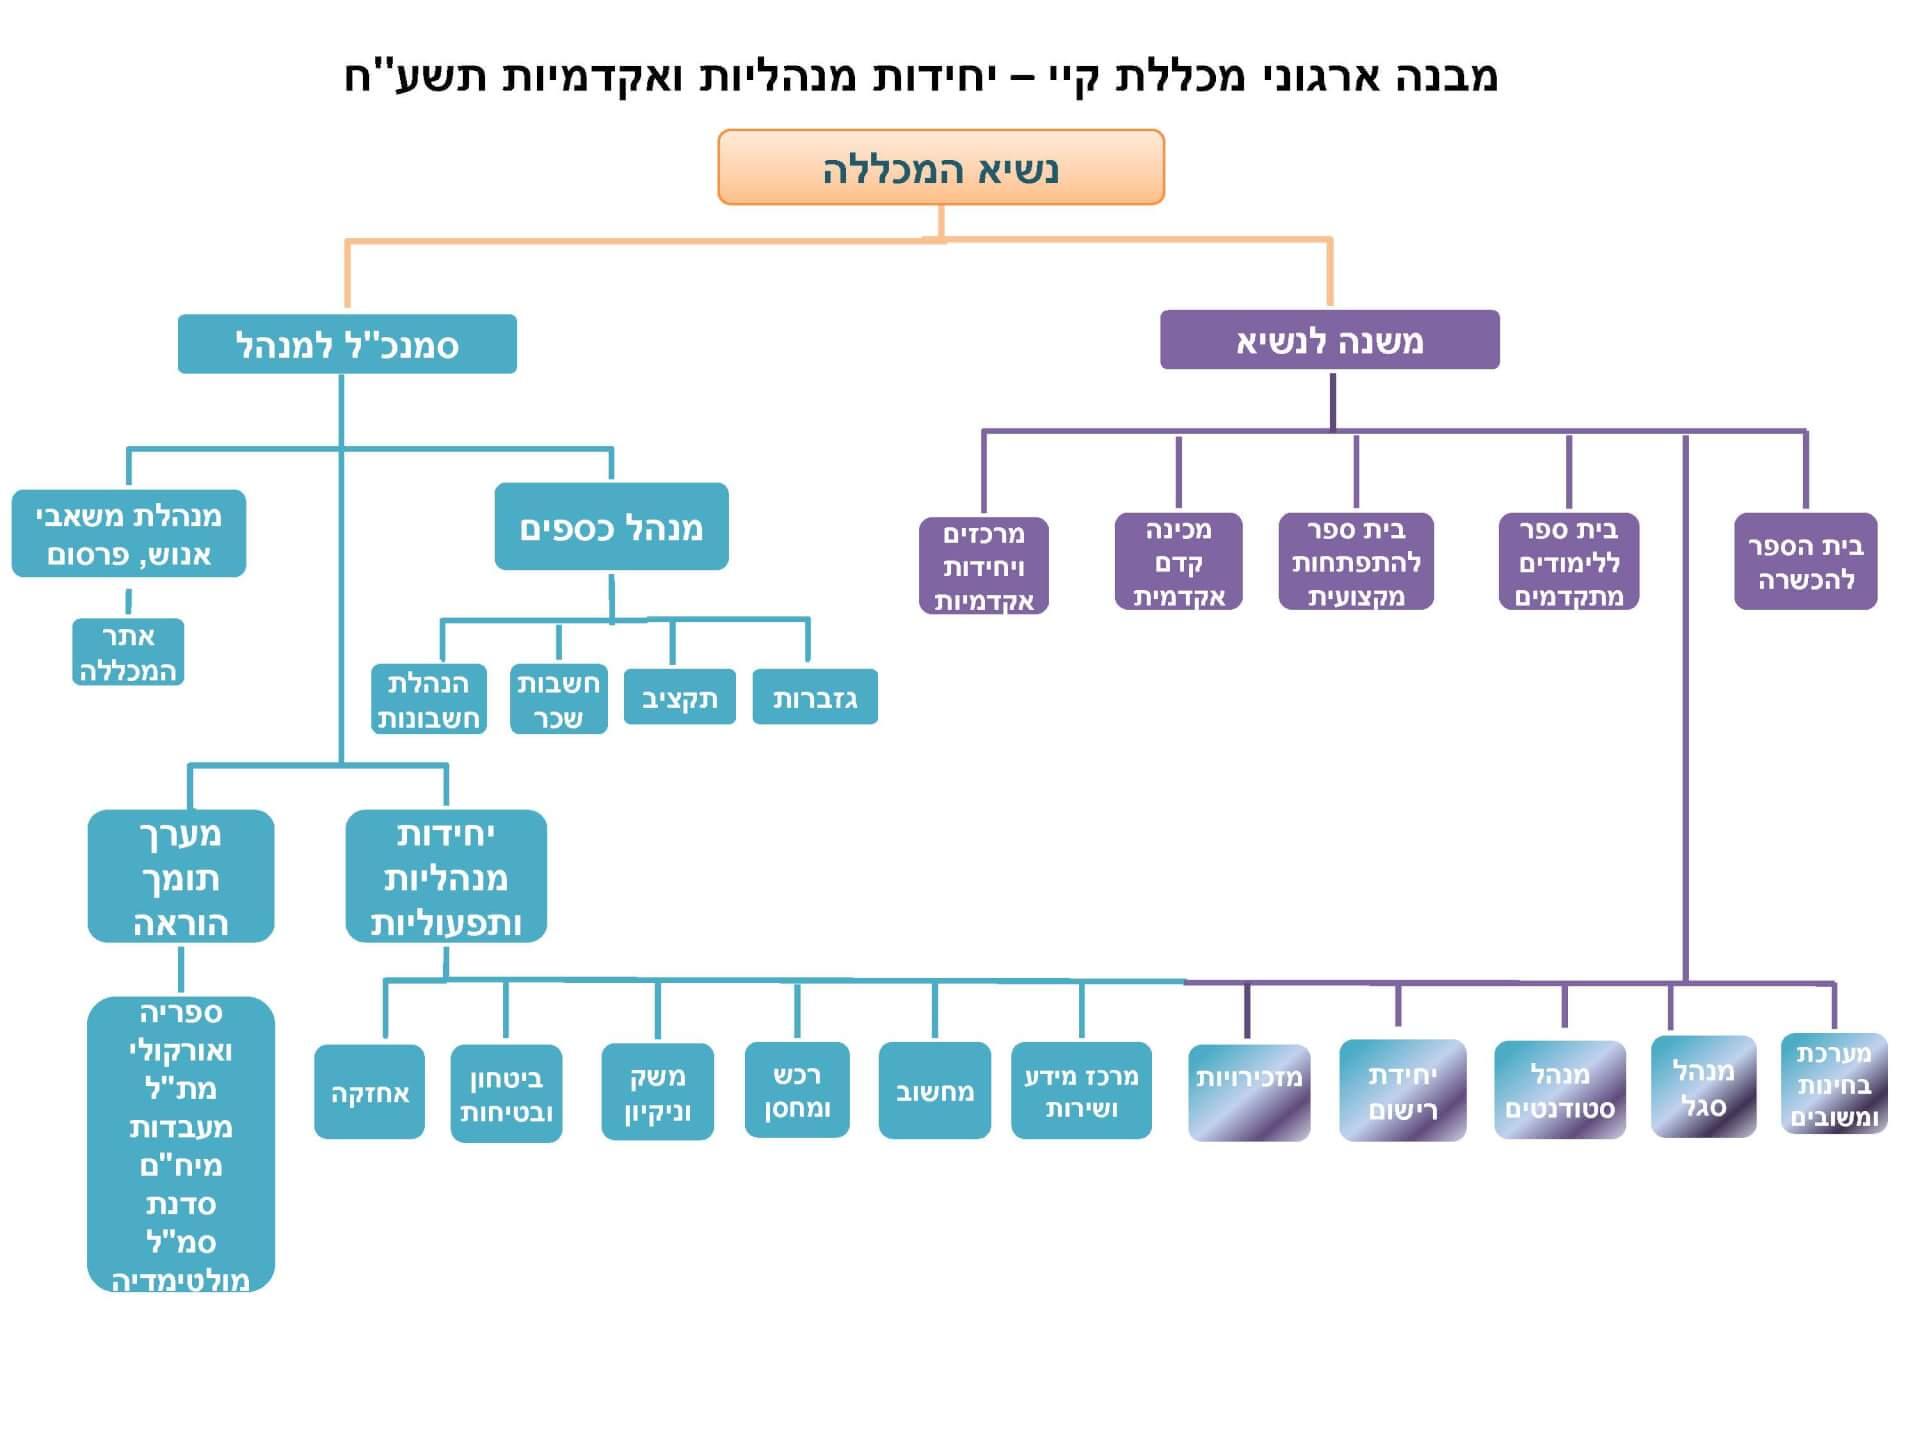 תמונה מבנה יחידות מנהליות